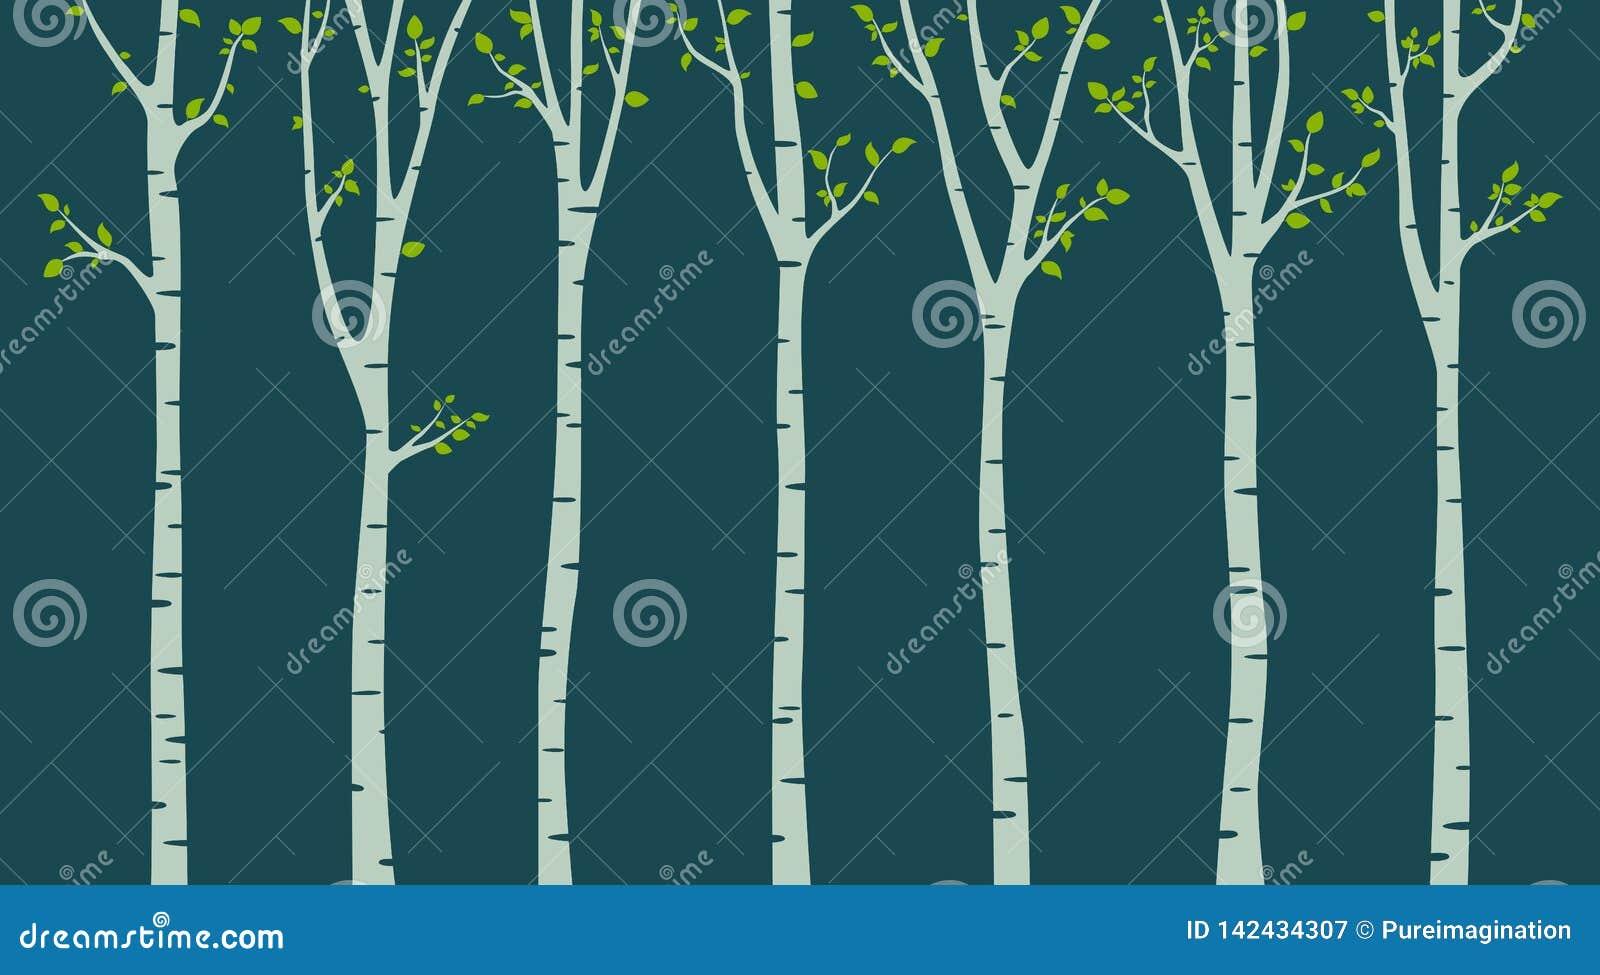 与鸟剪影的桦树在绿色背景